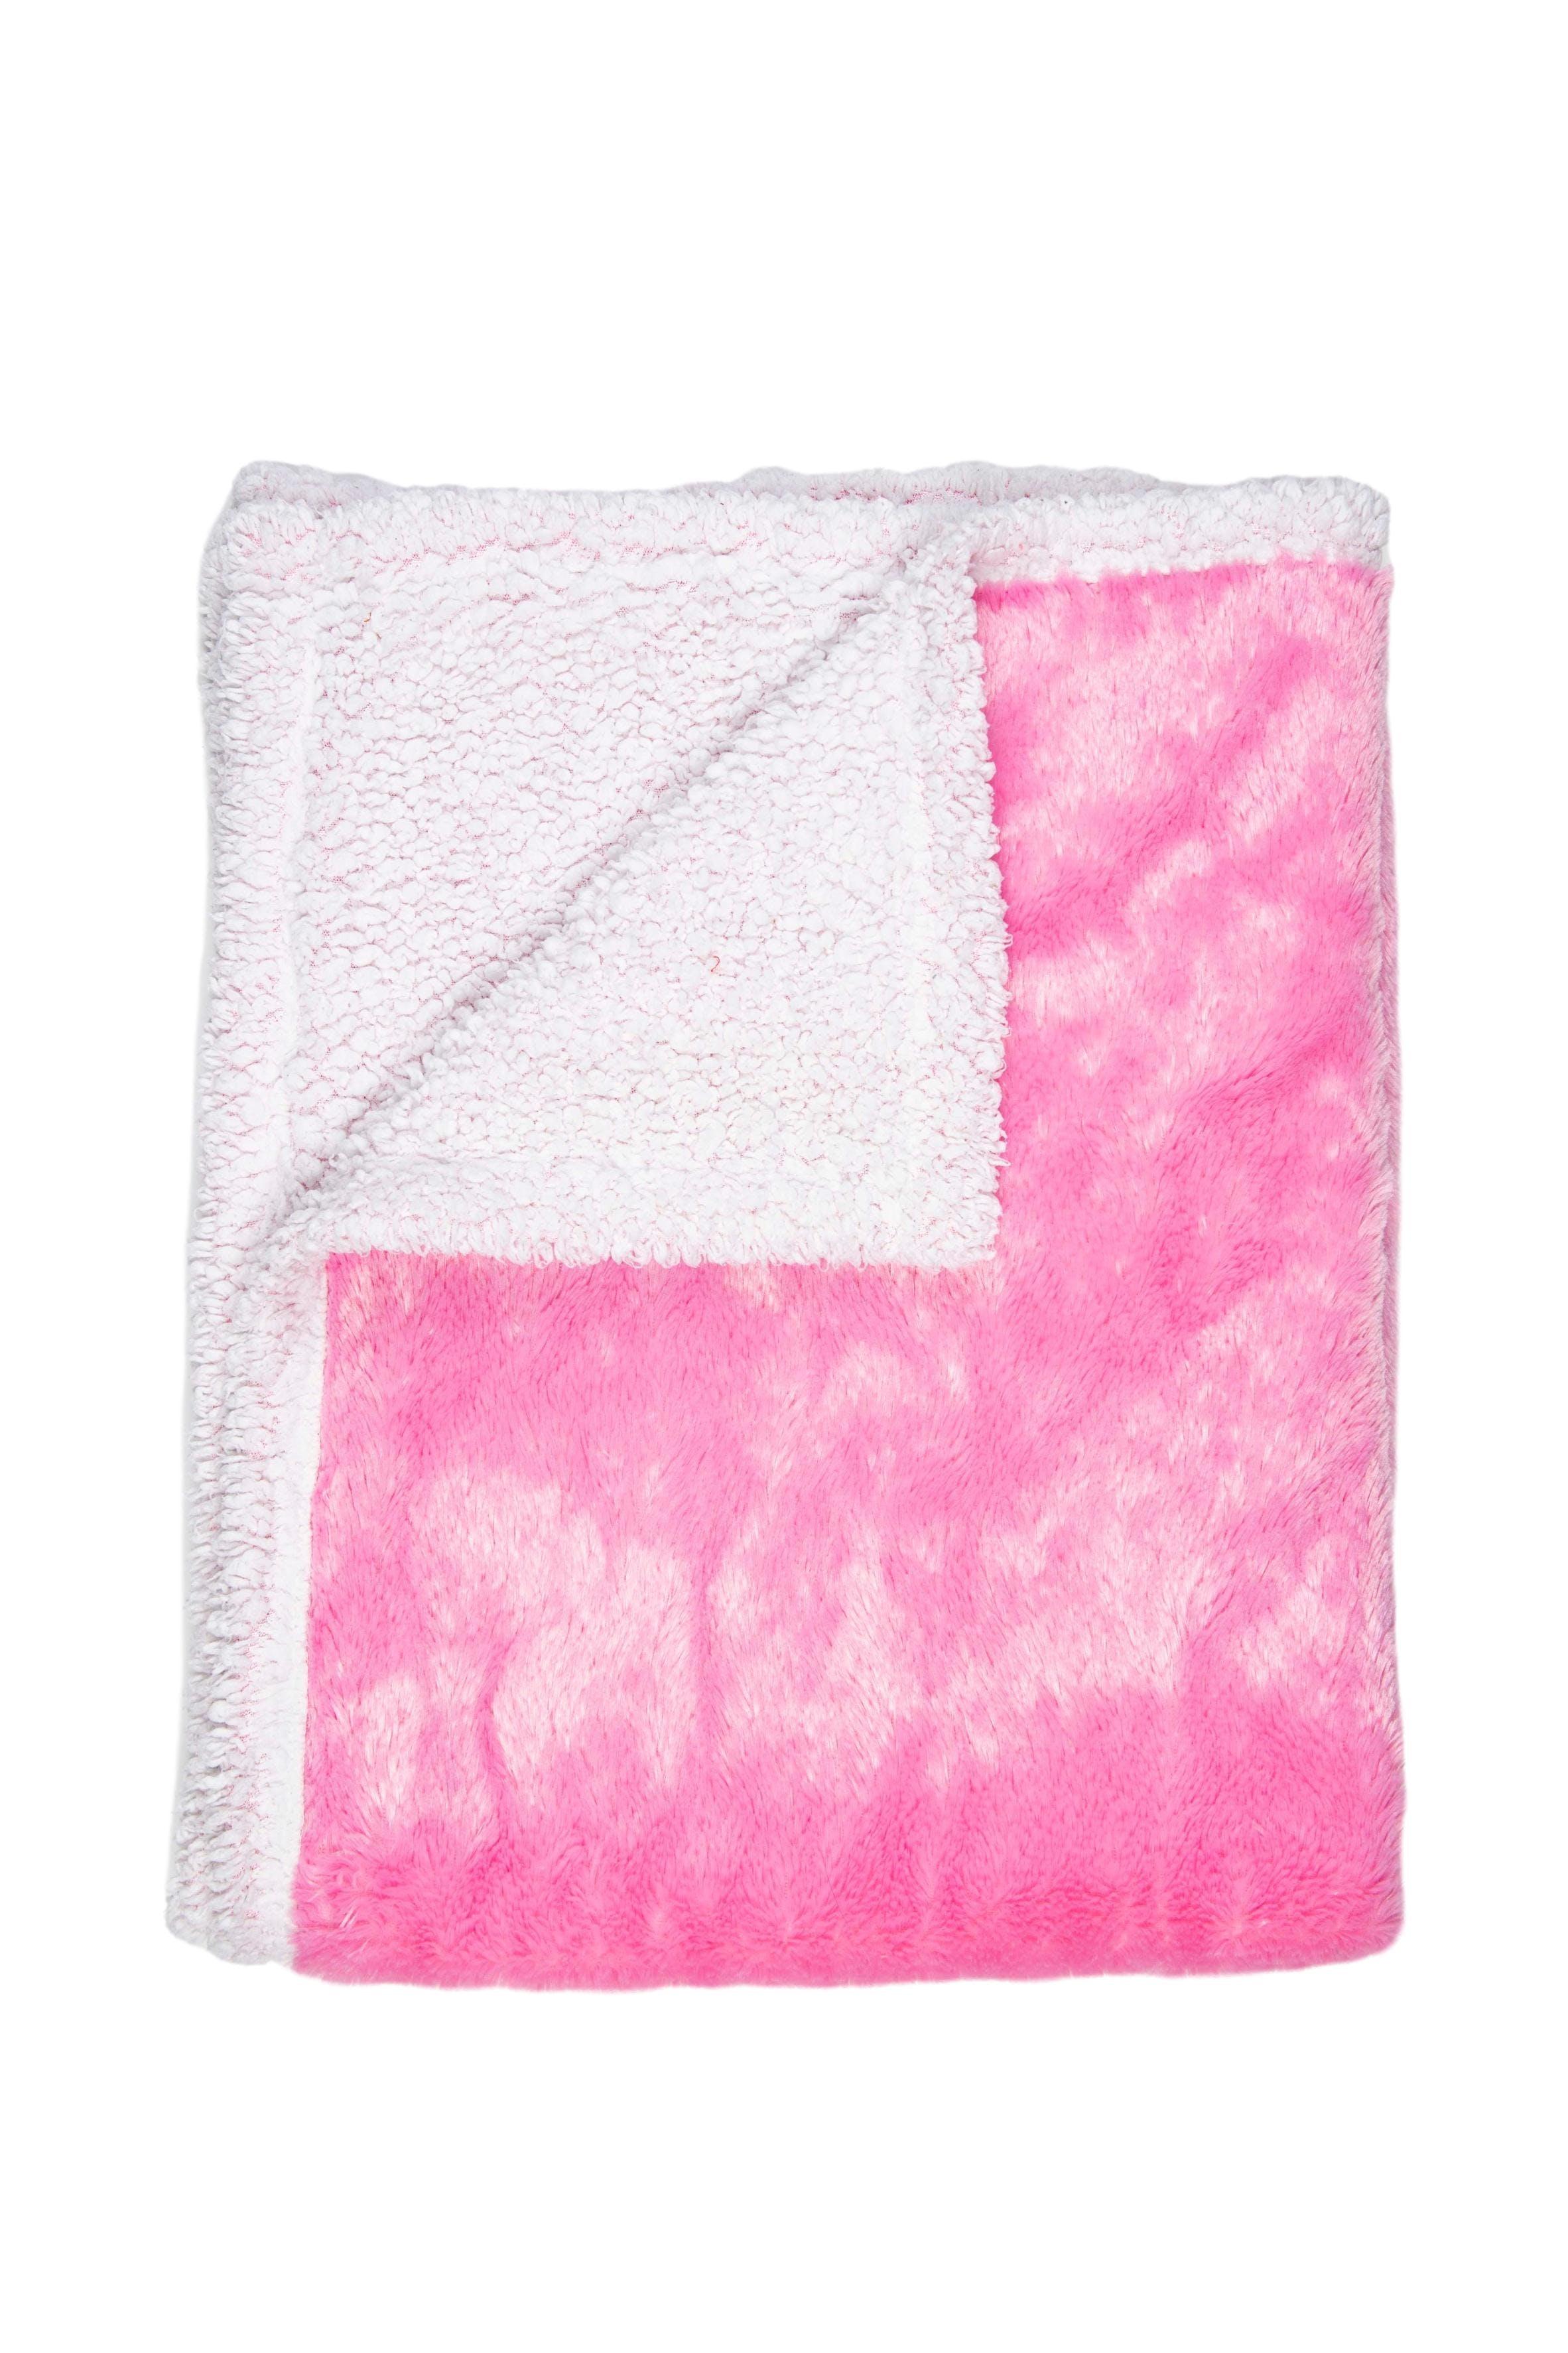 Manta acolchada de peluche rosada y blanca. 75cmx100cm - Casa Joven